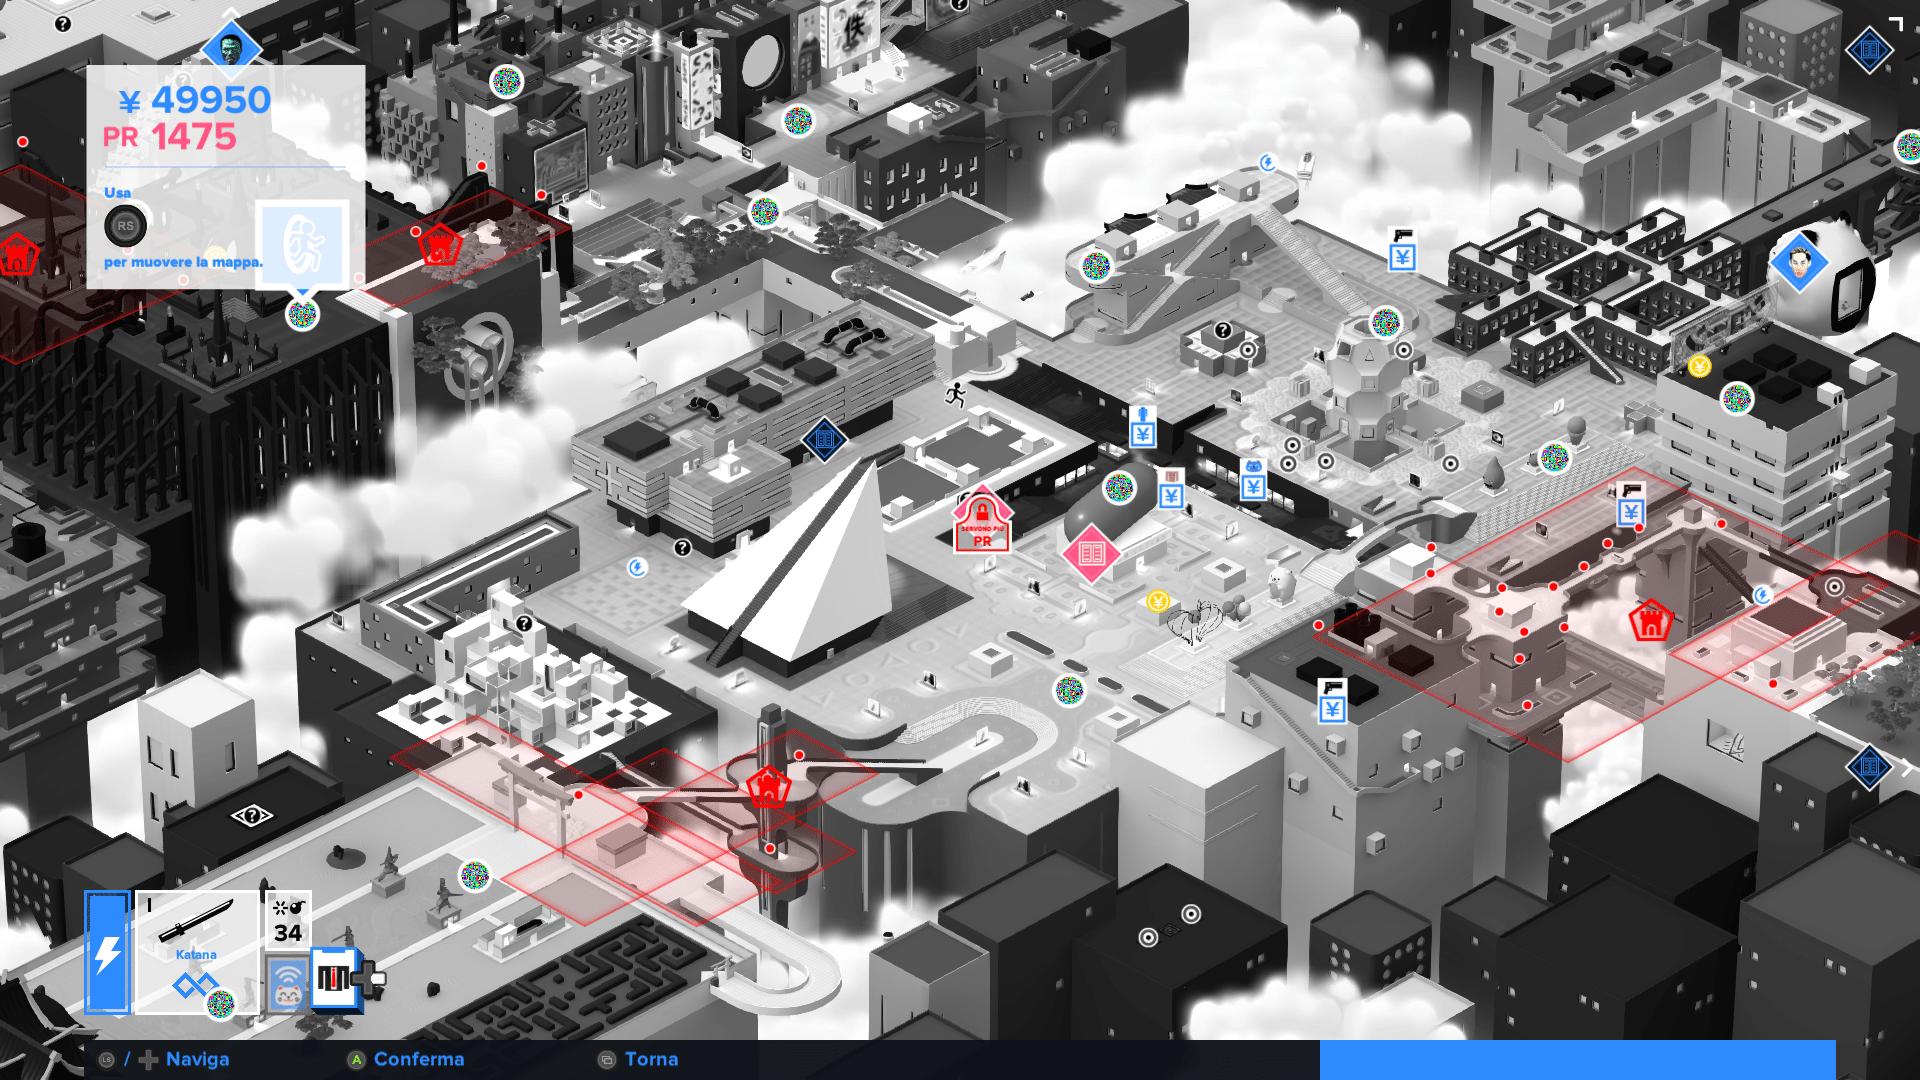 Tokyo 42 - La mappa è il nostro punto di accesso al mondo, e semplificherà di molto gli spostamenti, aiutandoci anche ad individuare punti di interesse grazie a delle semplicissime icone.